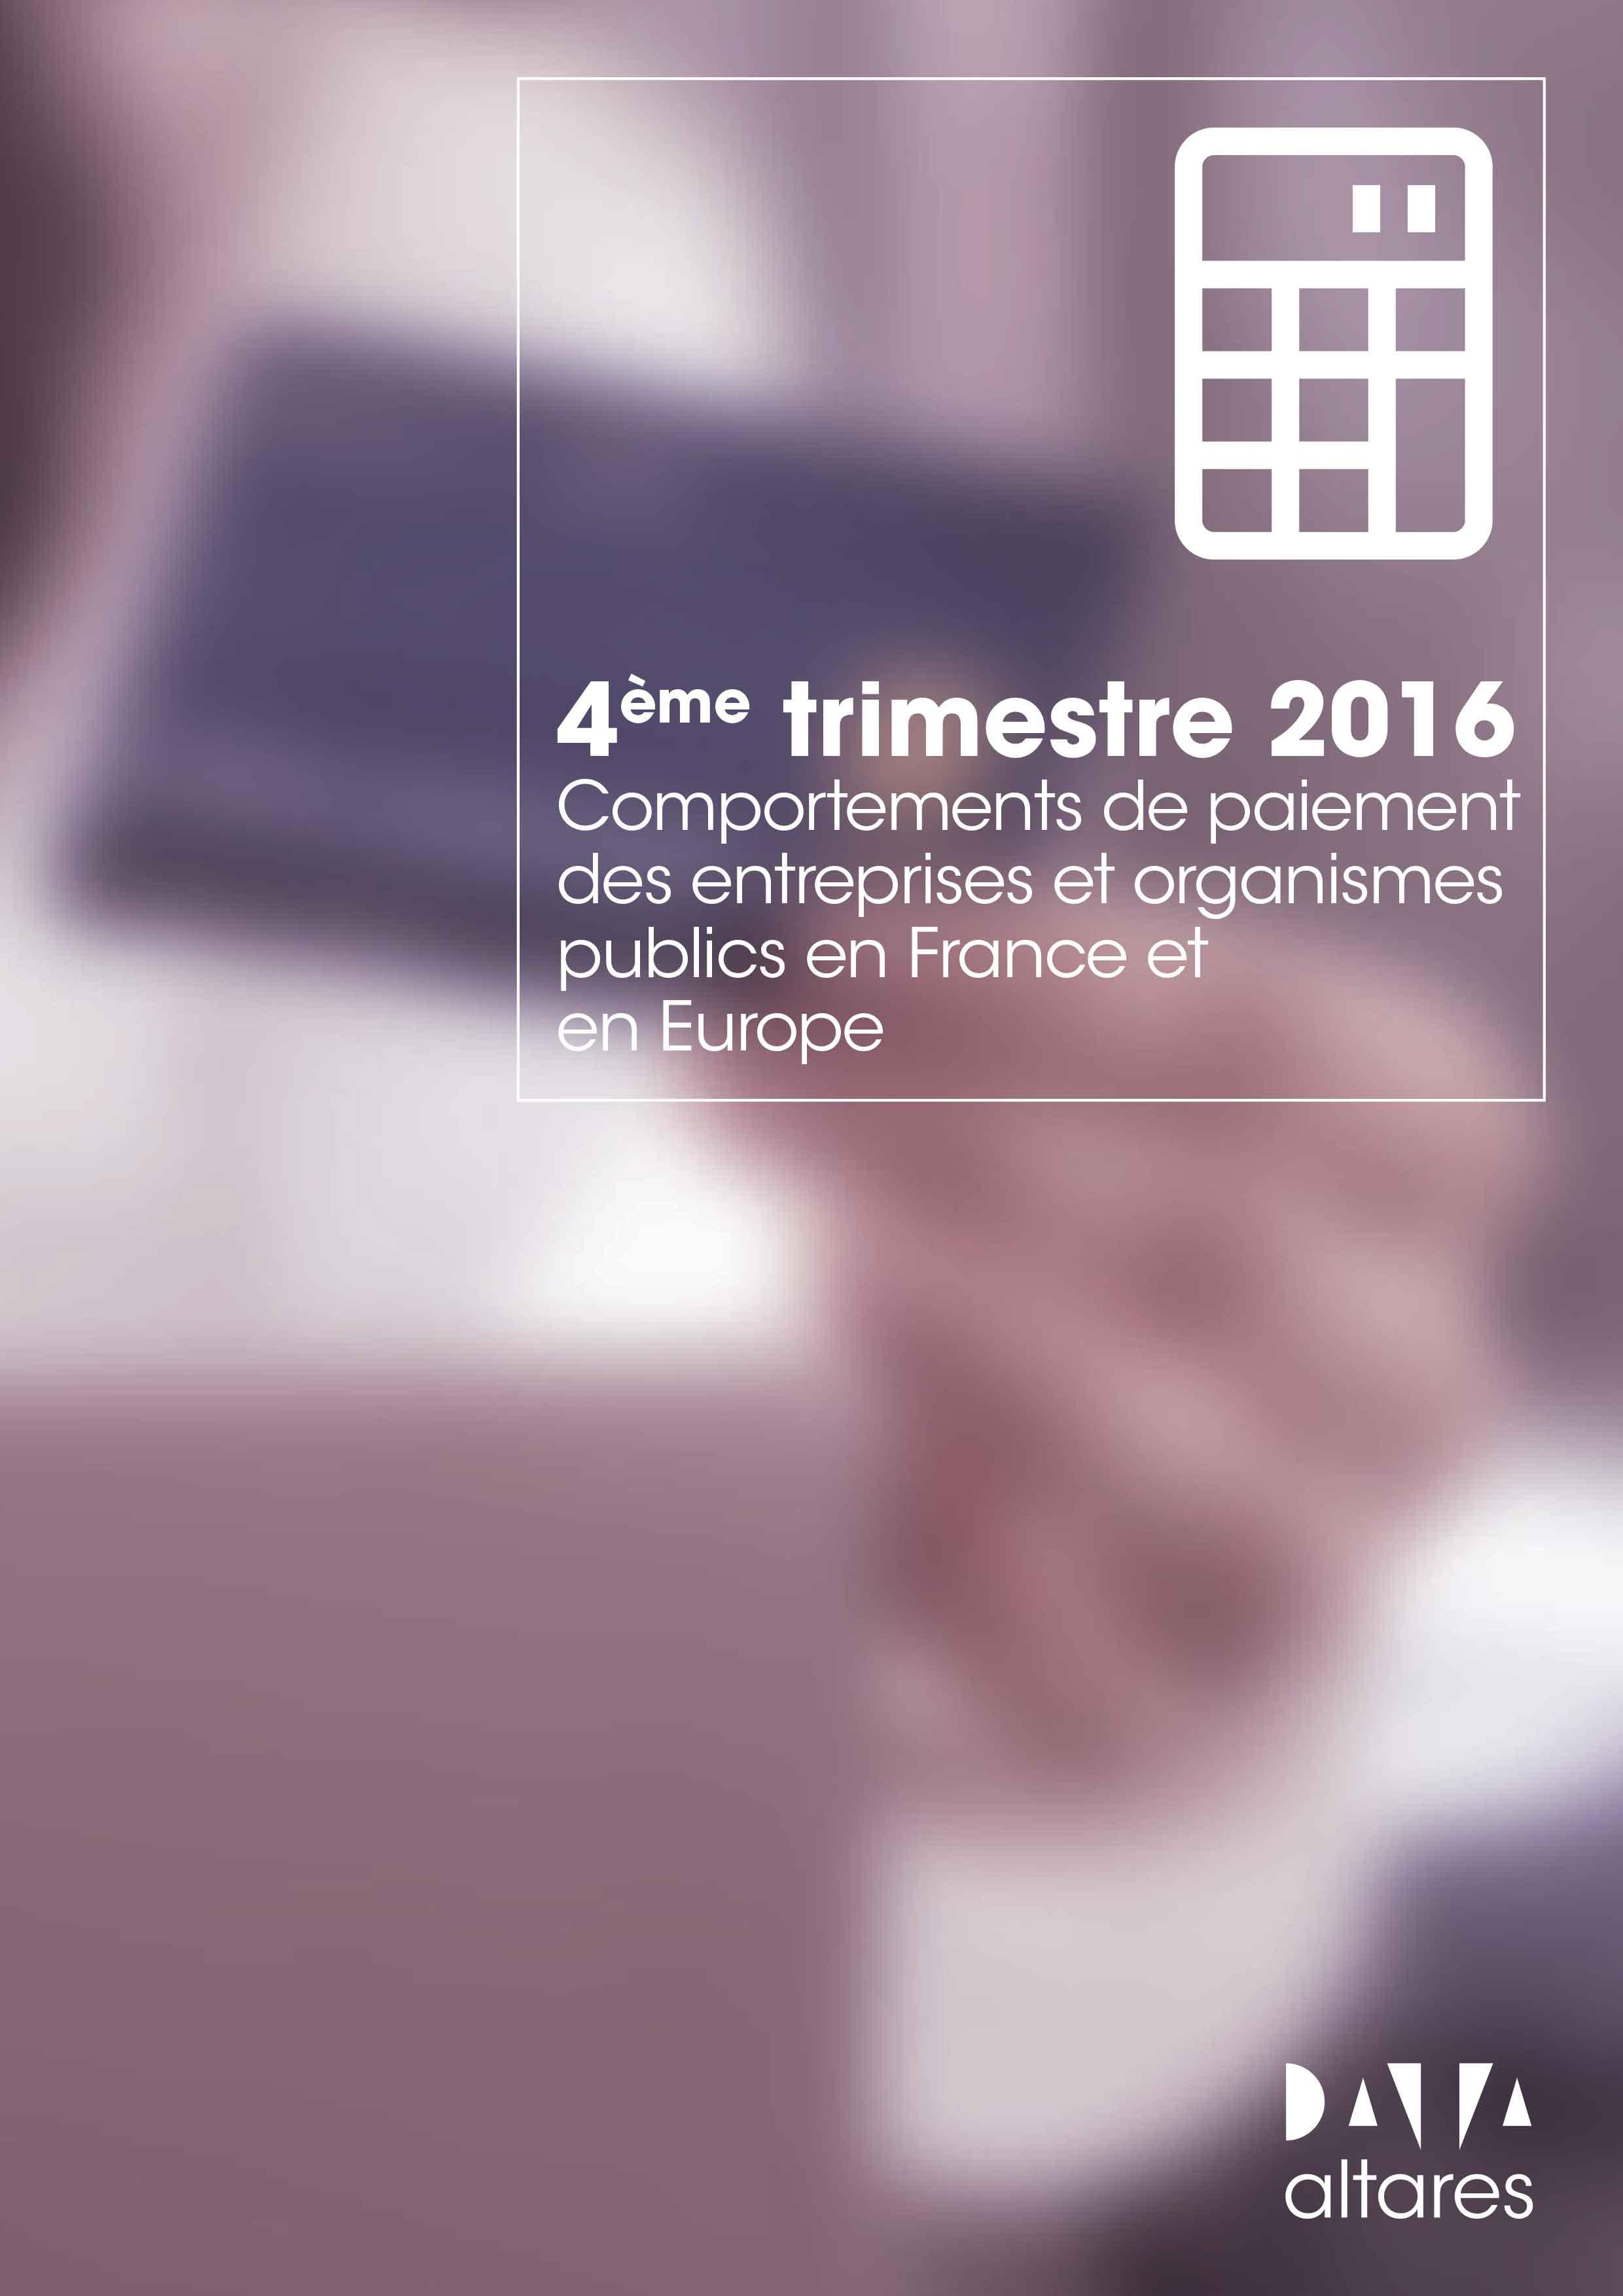 Comportements de paiement des entreprises en France et en Europe - 4ème trimestre 2016